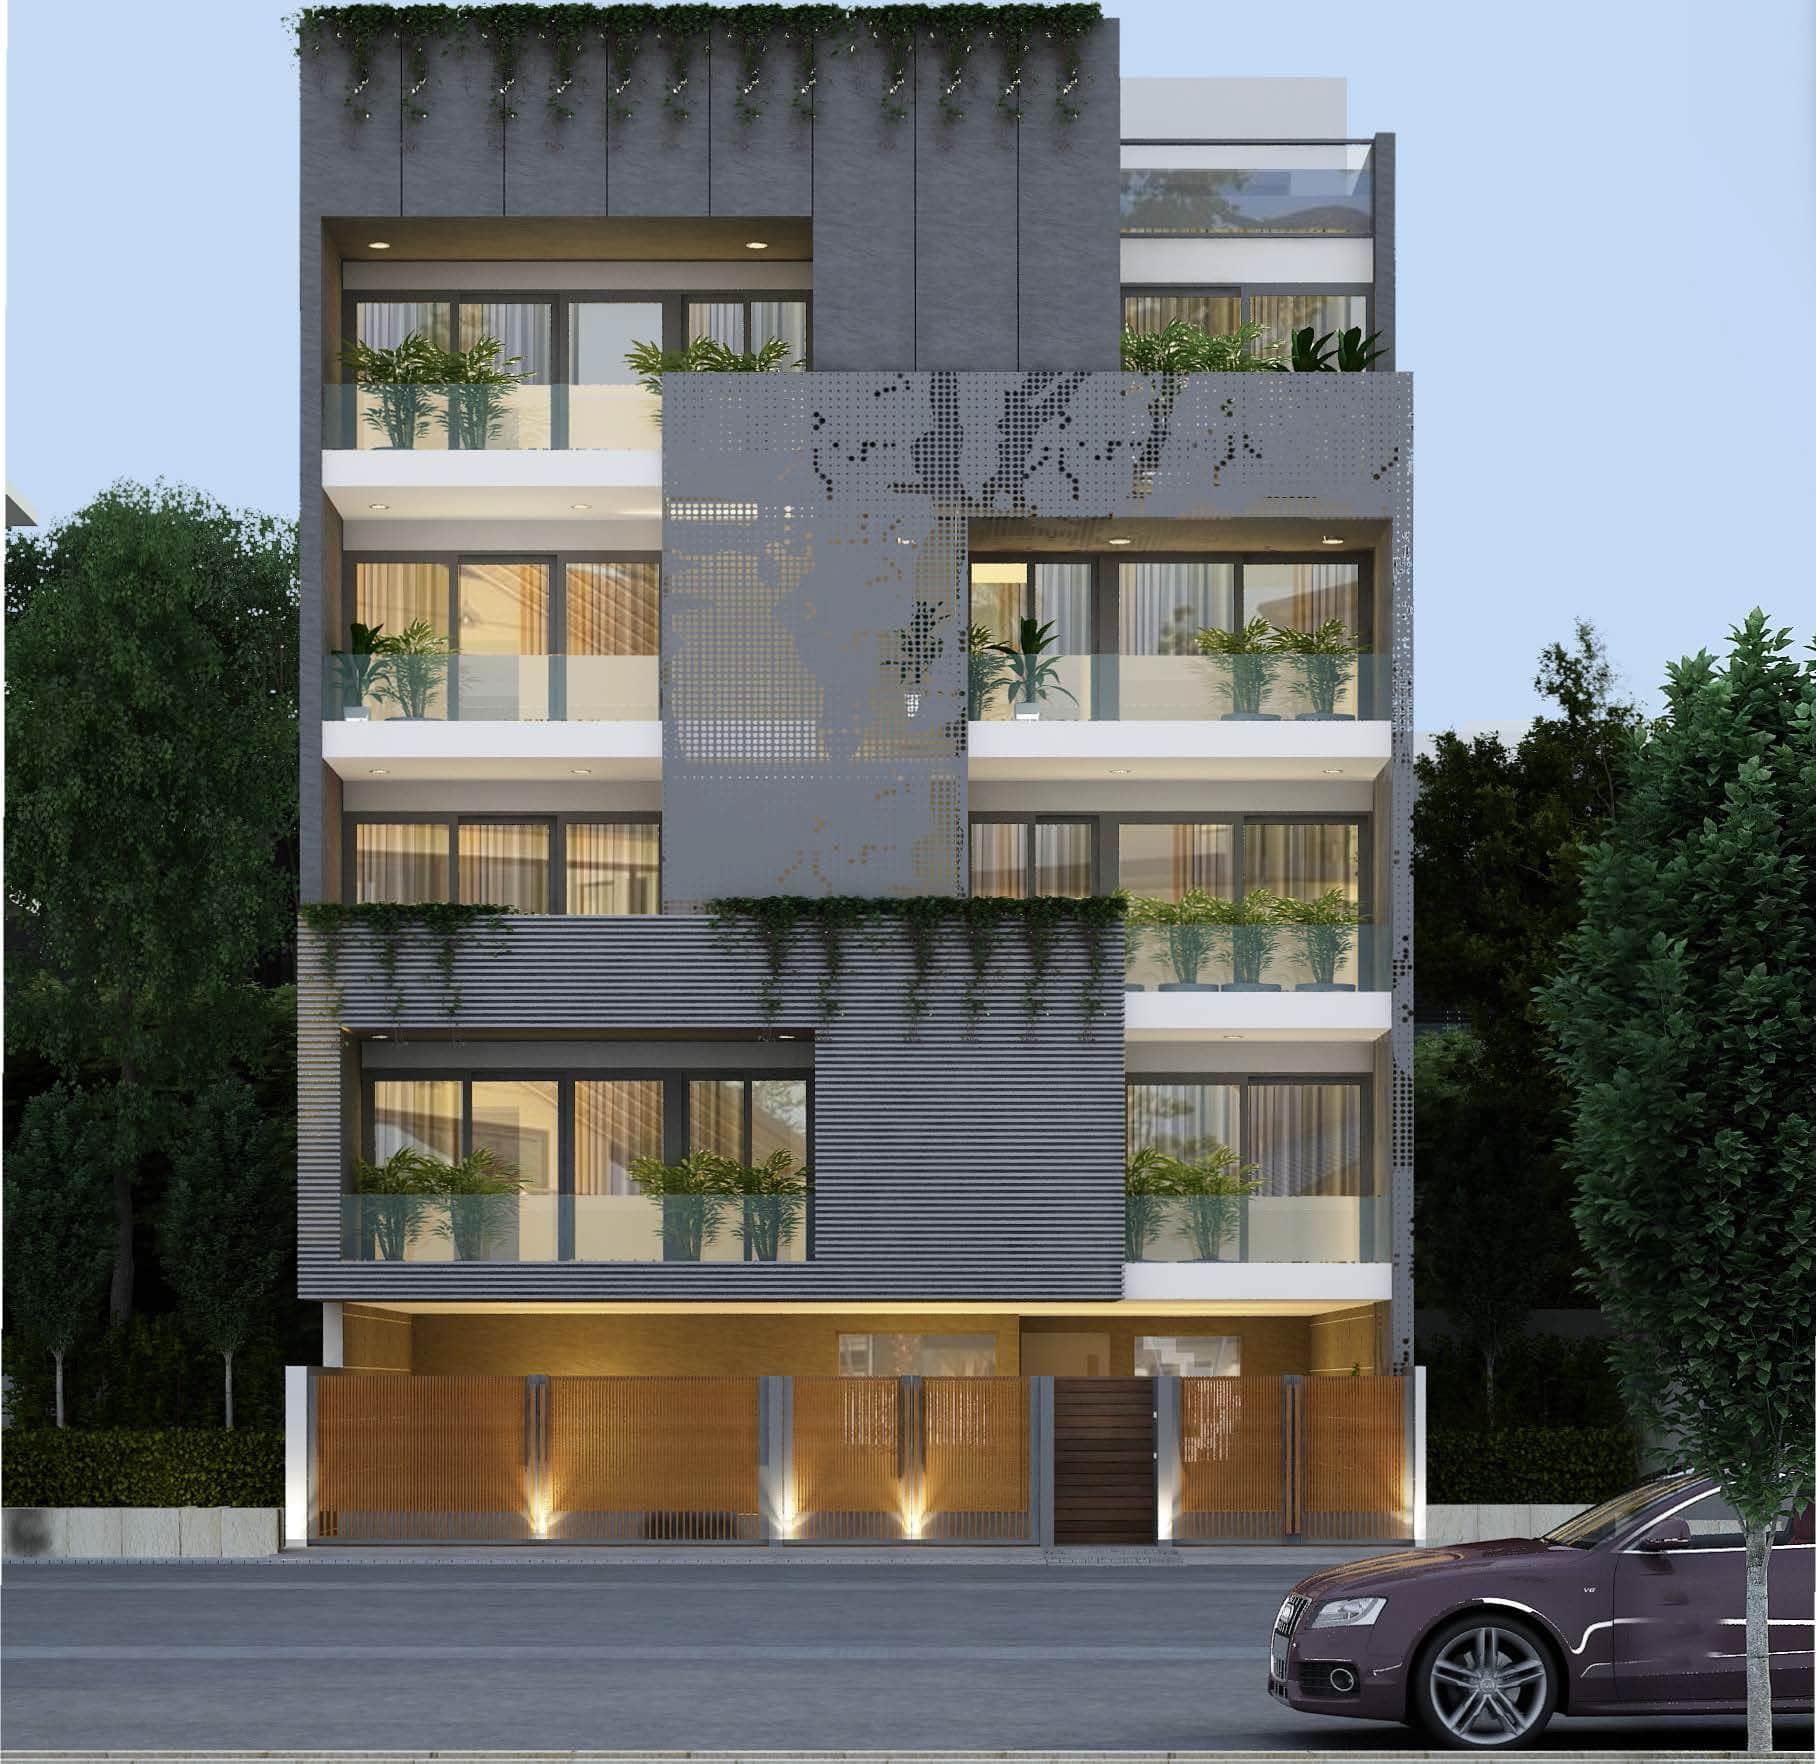 4BHK Luxury Floor in Sushant Lok Phase-1, Gurgaon